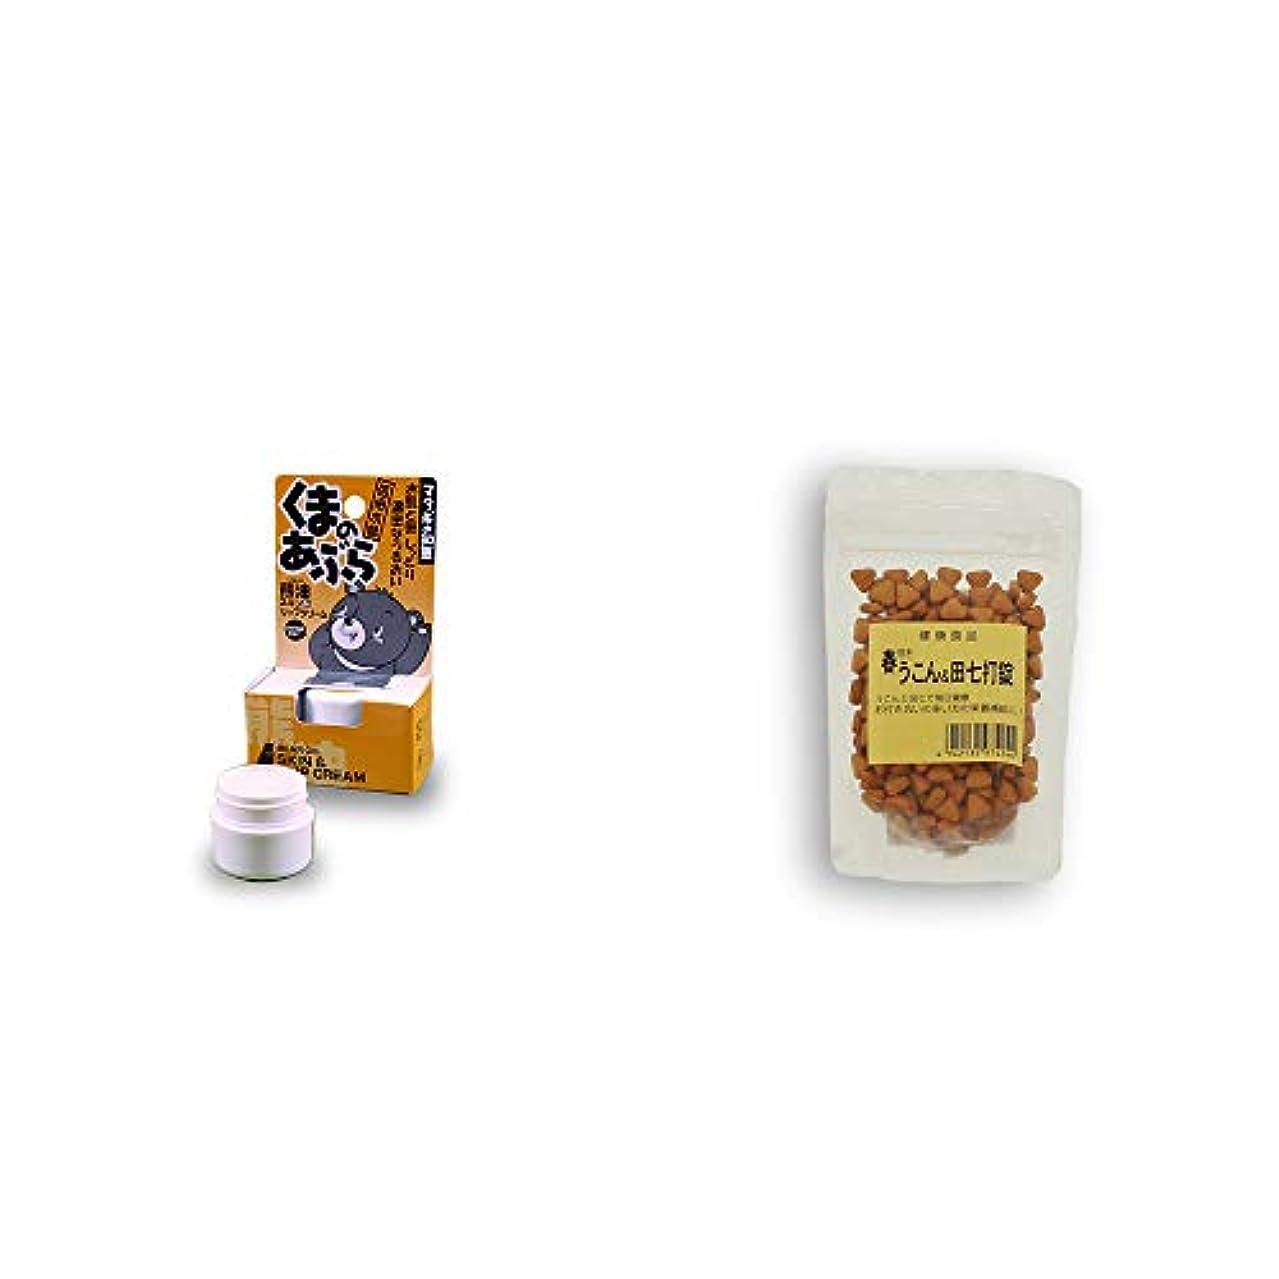 優勢小さいサミュエル[2点セット] 信州木曽 くまのあぶら 熊油スキン&リップクリーム(9g)?春咲き うこん&田七打錠(70g(250mg×280粒))